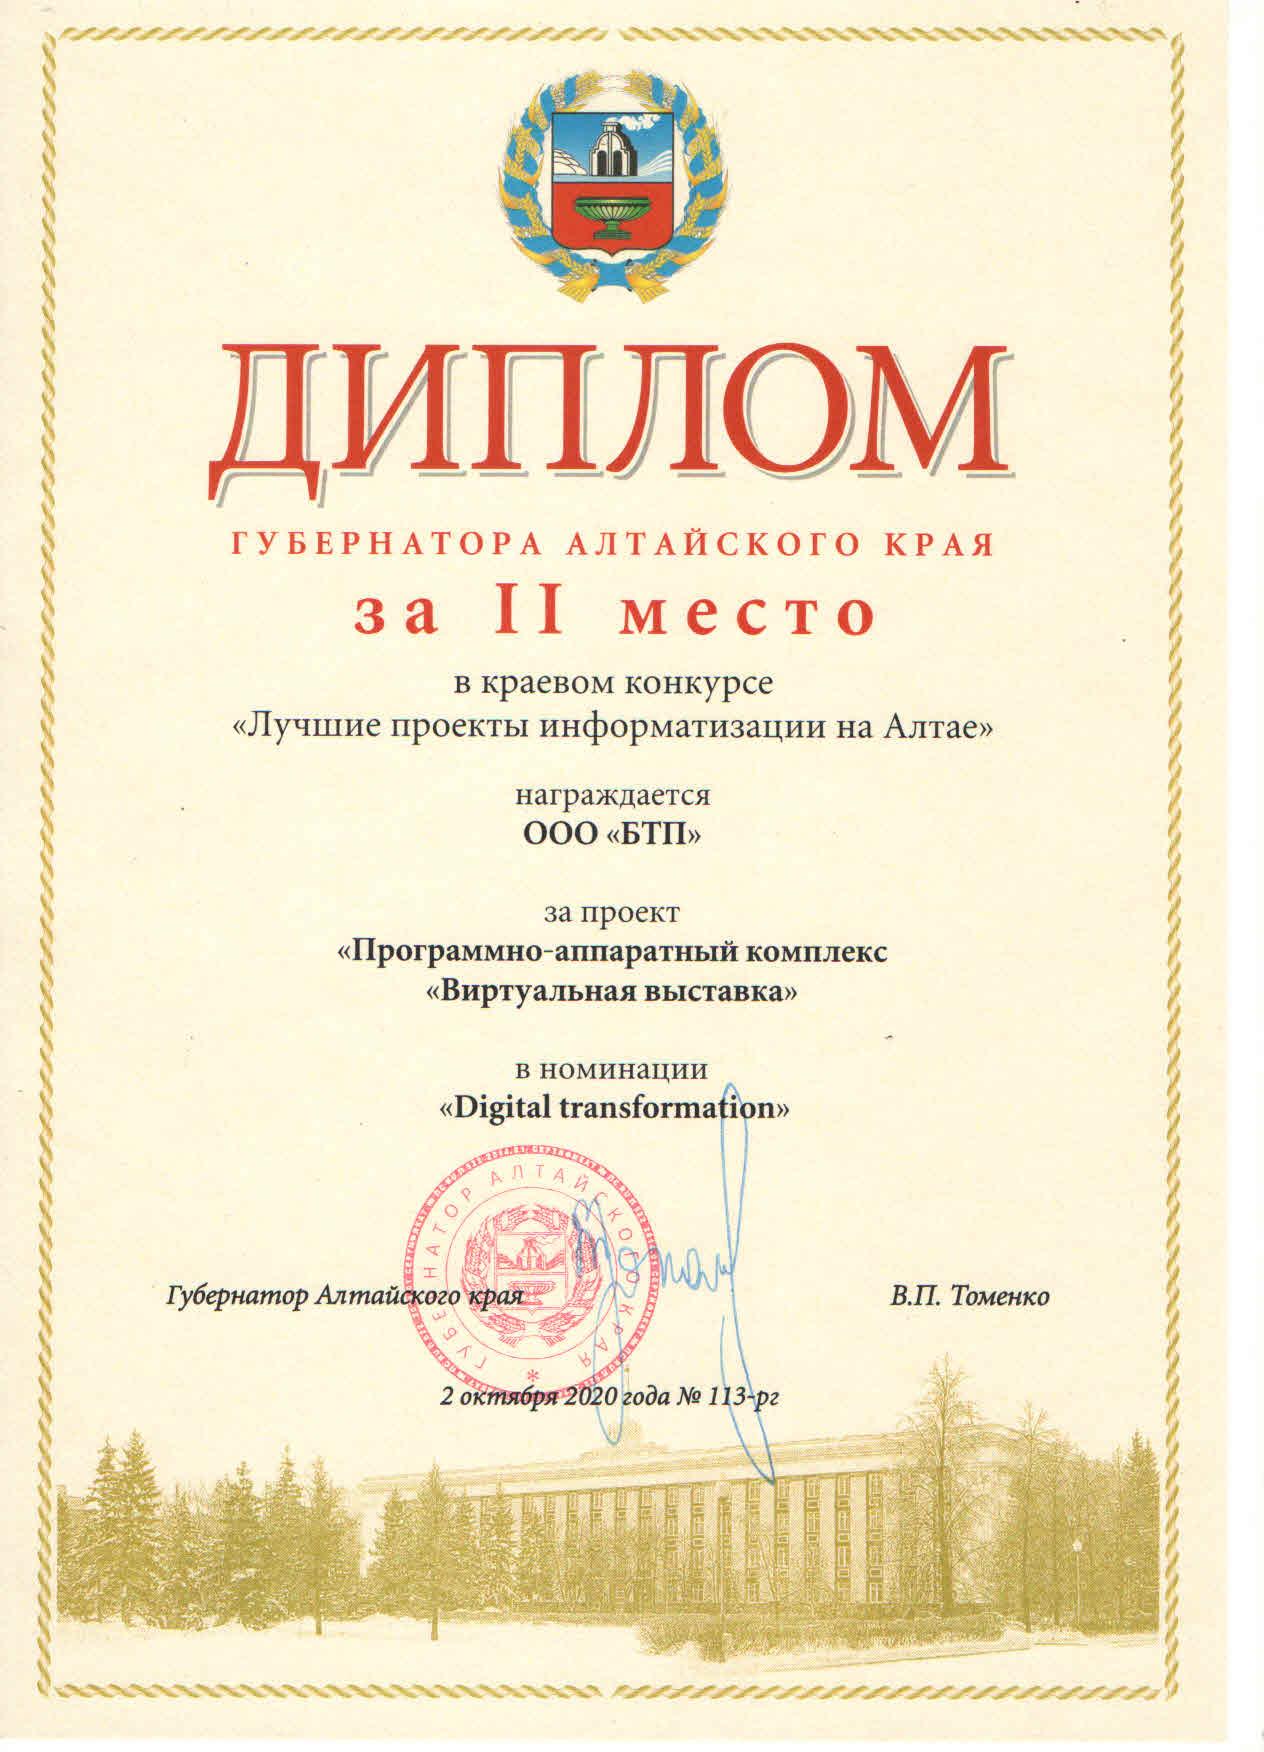 Компания БТП – победитель конкурса «Лучшие проекты информатизации на Алтае»